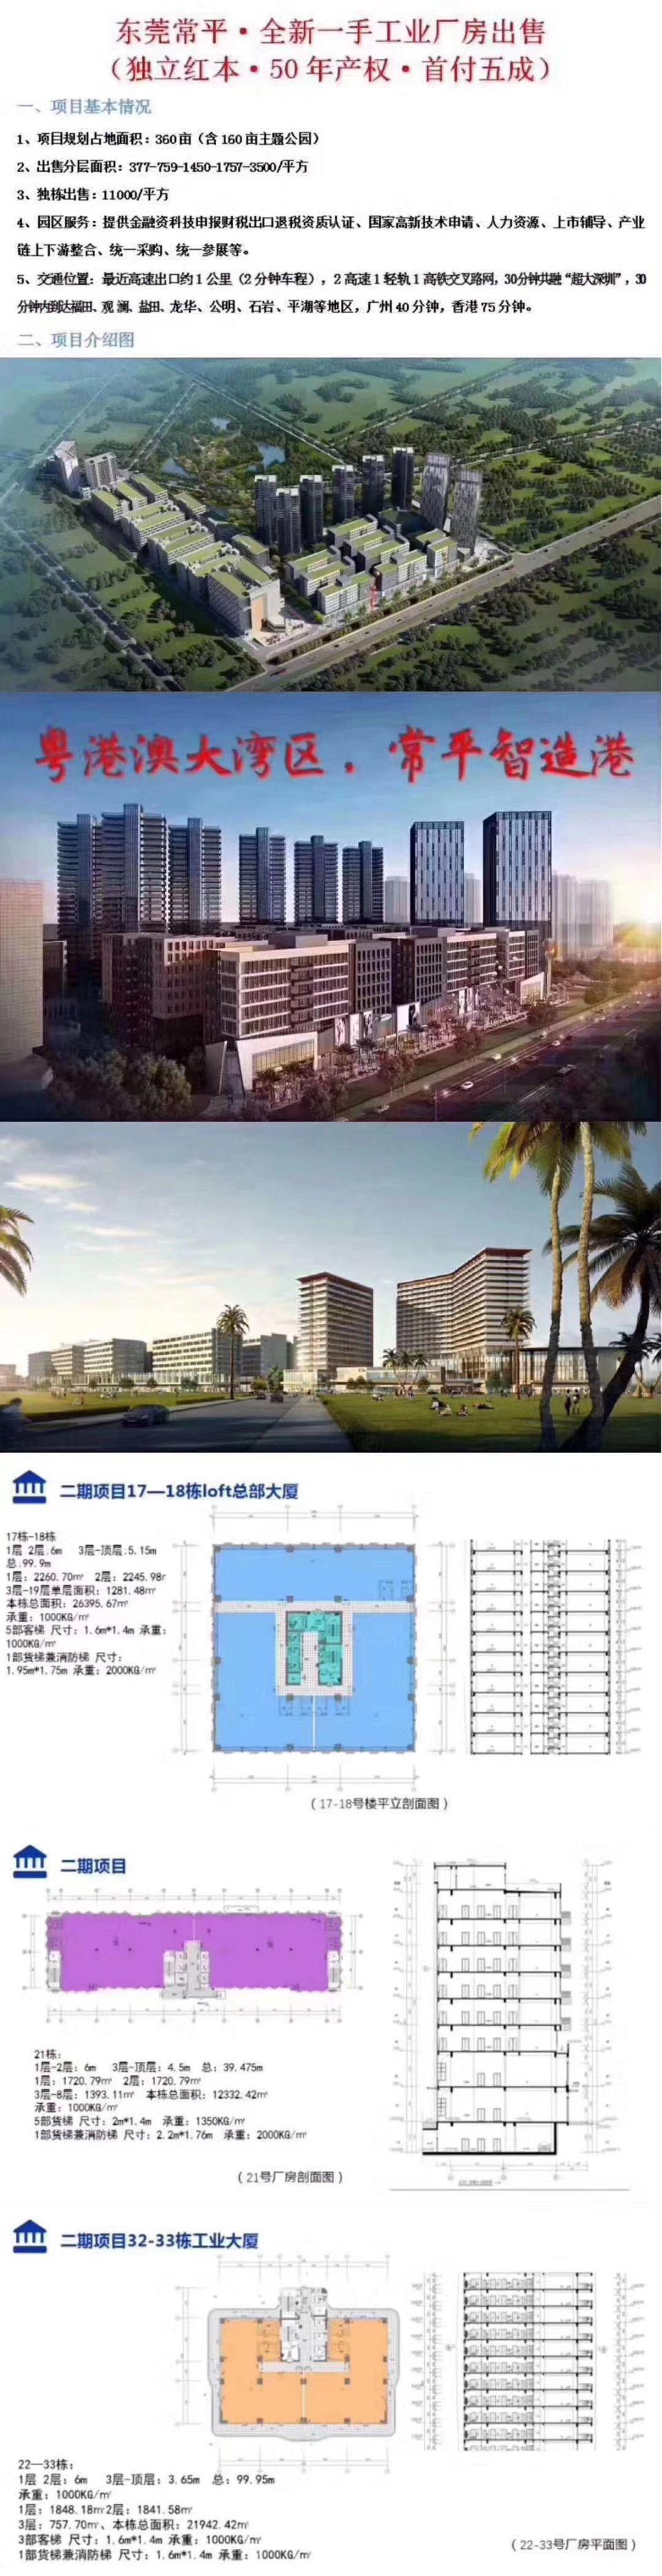 东莞高端产业园区,欢迎入驻,50年红本产权,可按揭,有独栋及